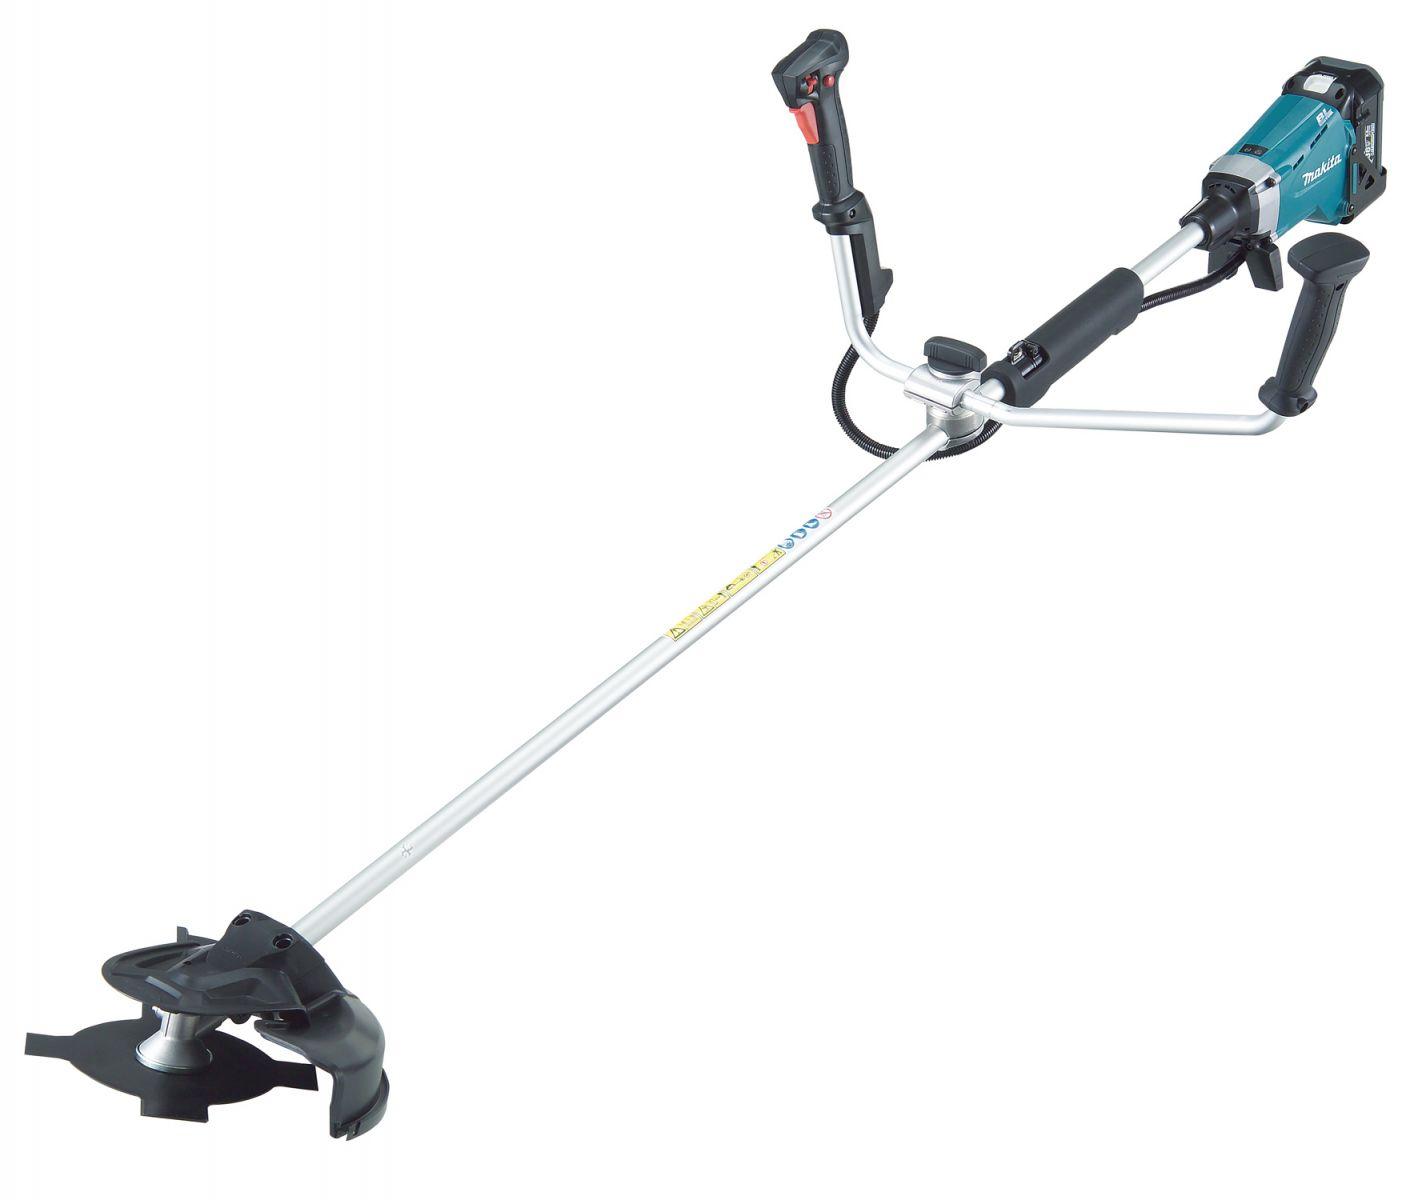 Máy cắt cỏ cầm tay chạy pin Makita BBC231RDE mcc15